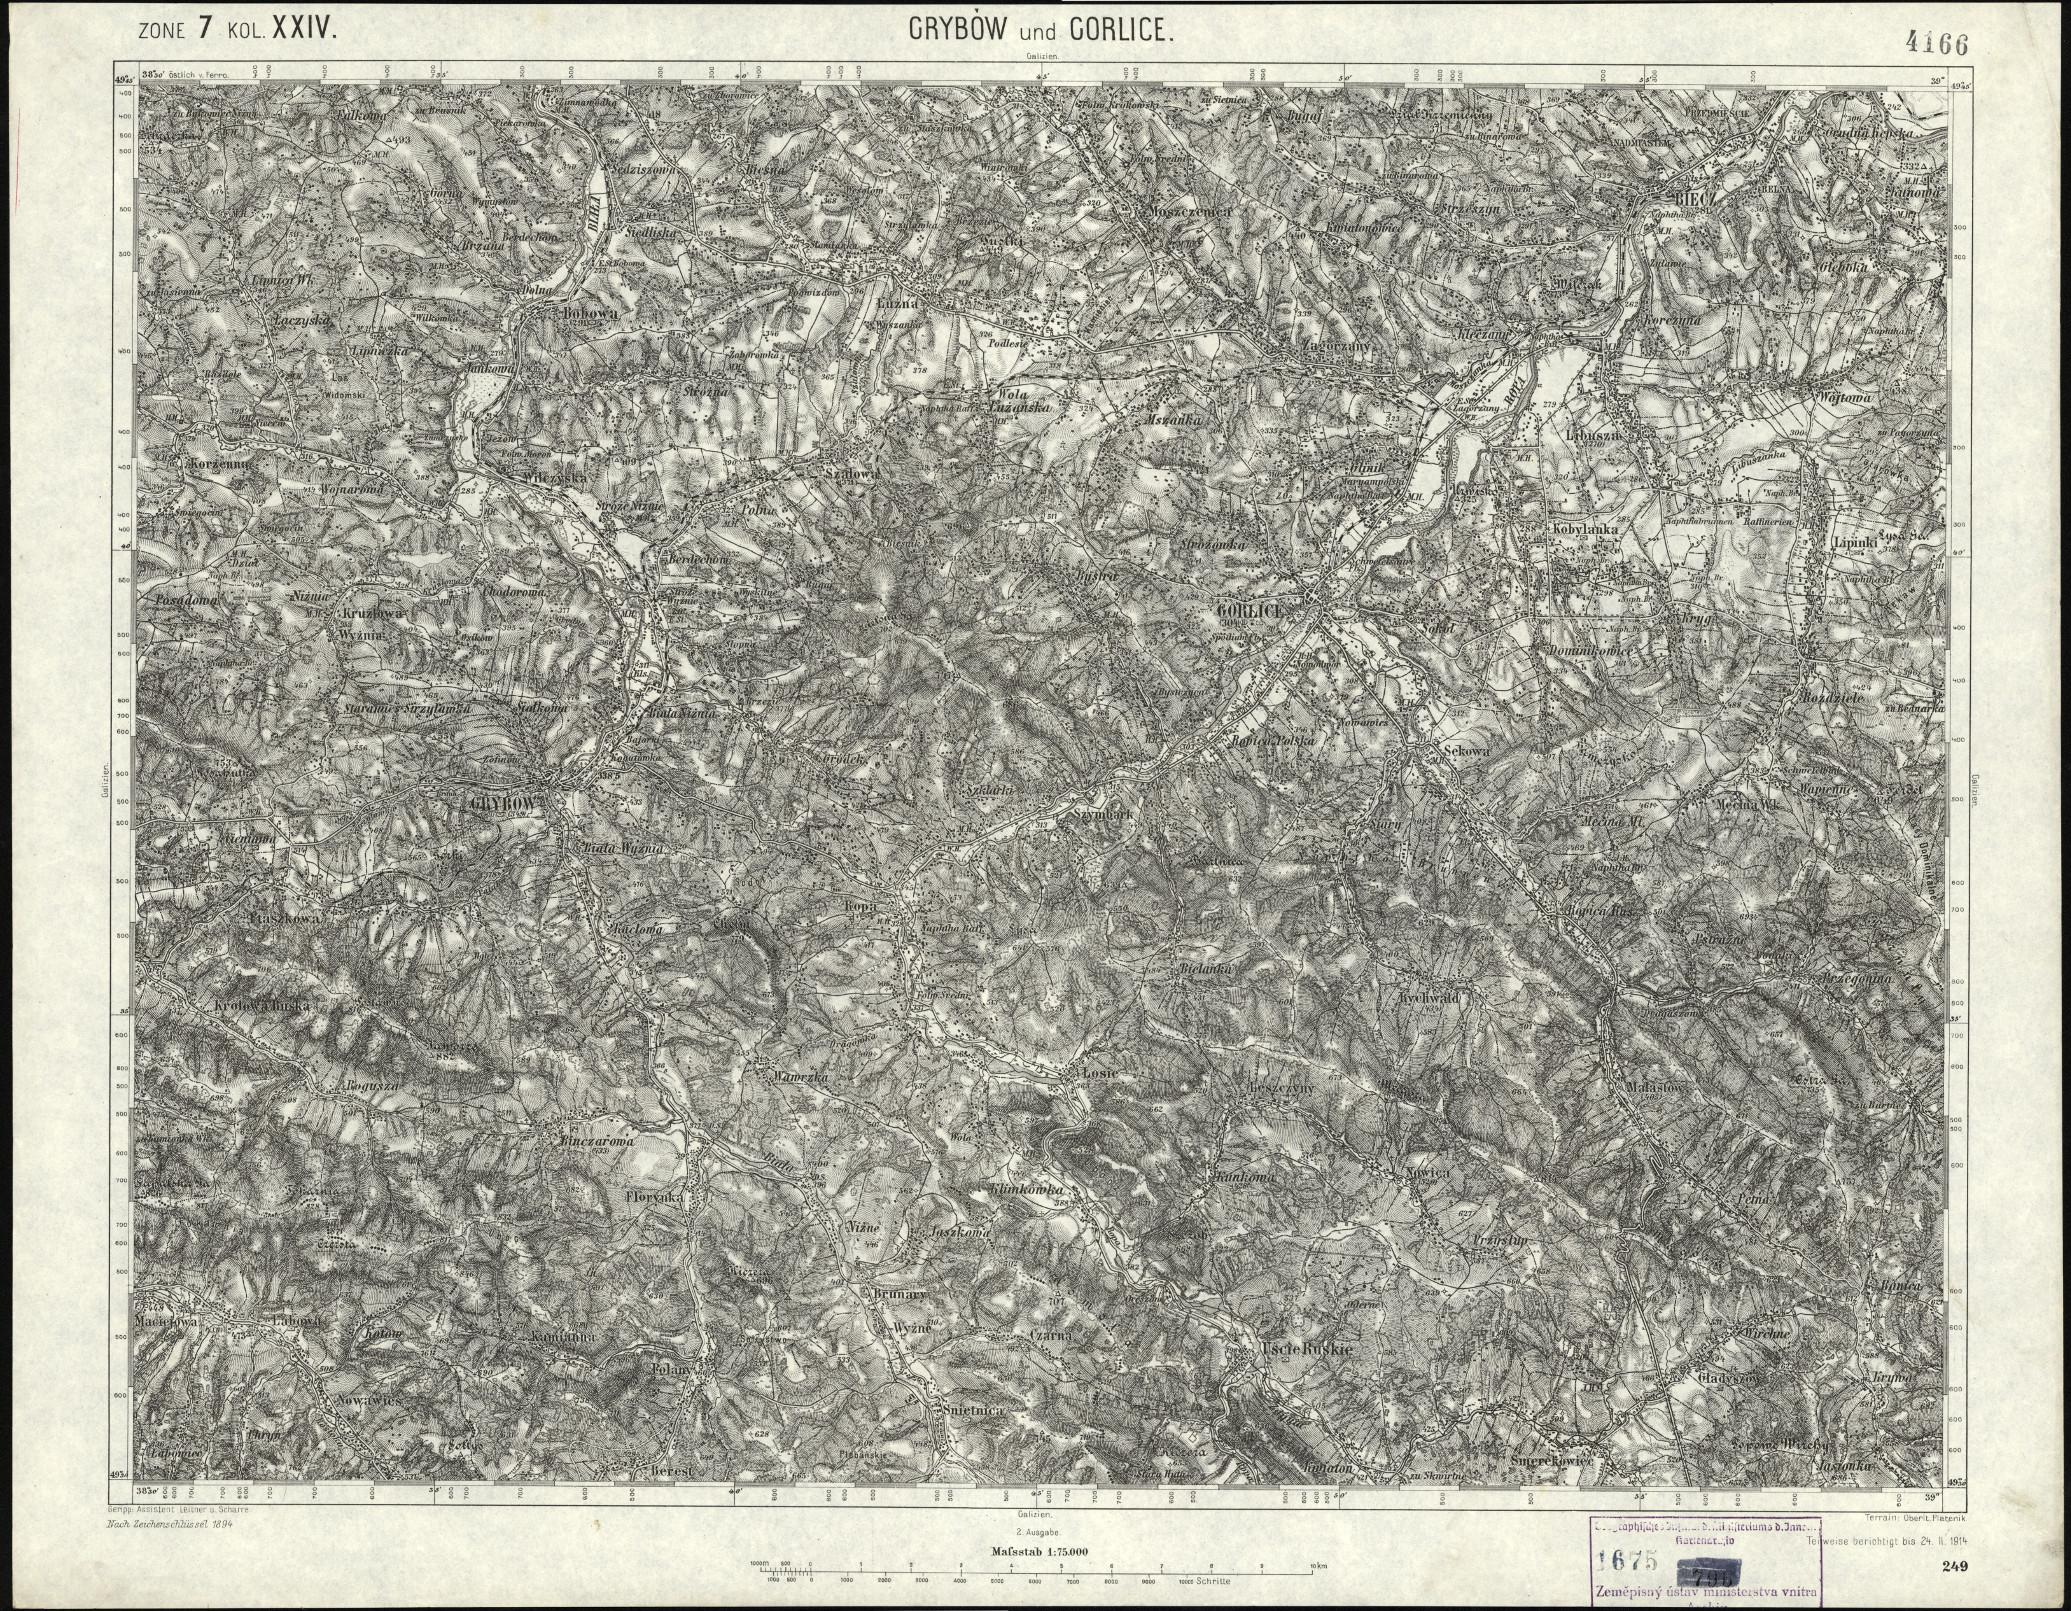 zone_7_kol_xxiv_grybow_und_gorlice_1914